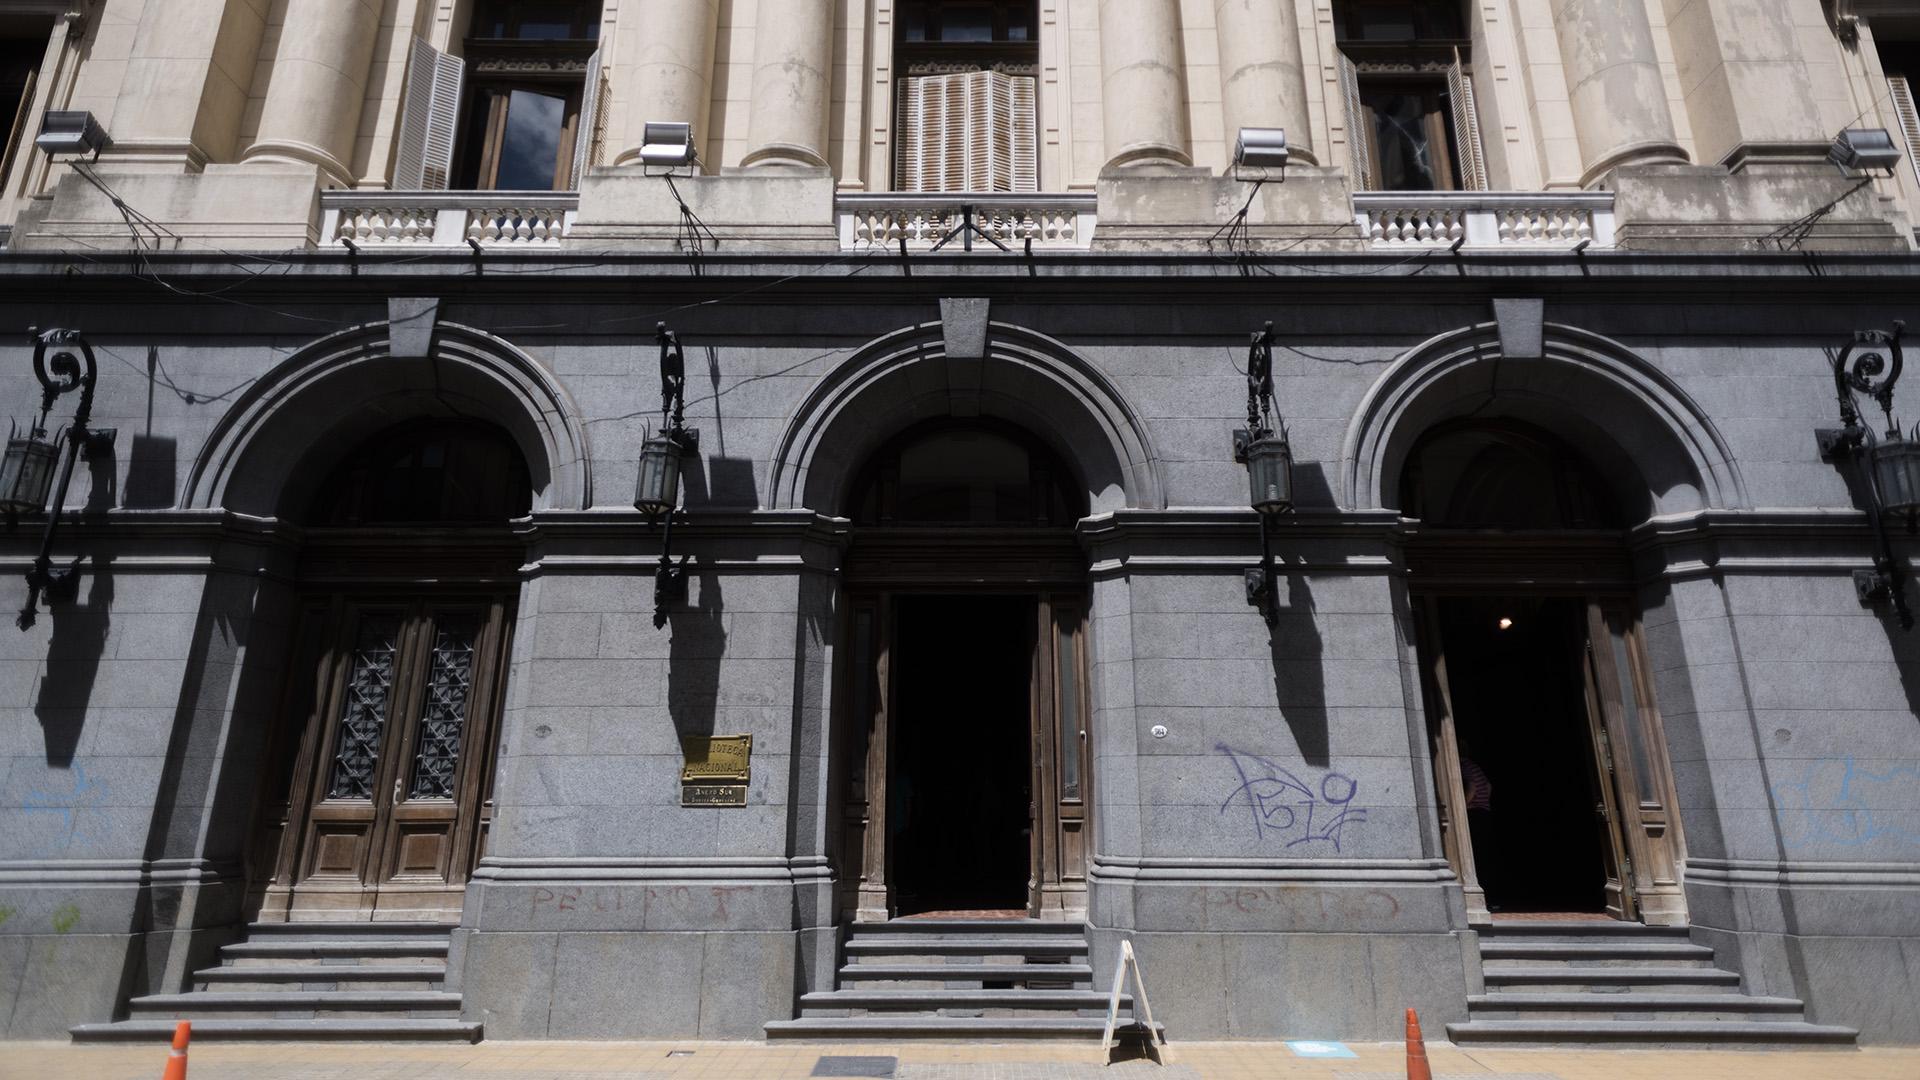 El Instituto Superior Octubre fue realizado por los arquitectos Gabriel Lanosa y Josu González Ruíz